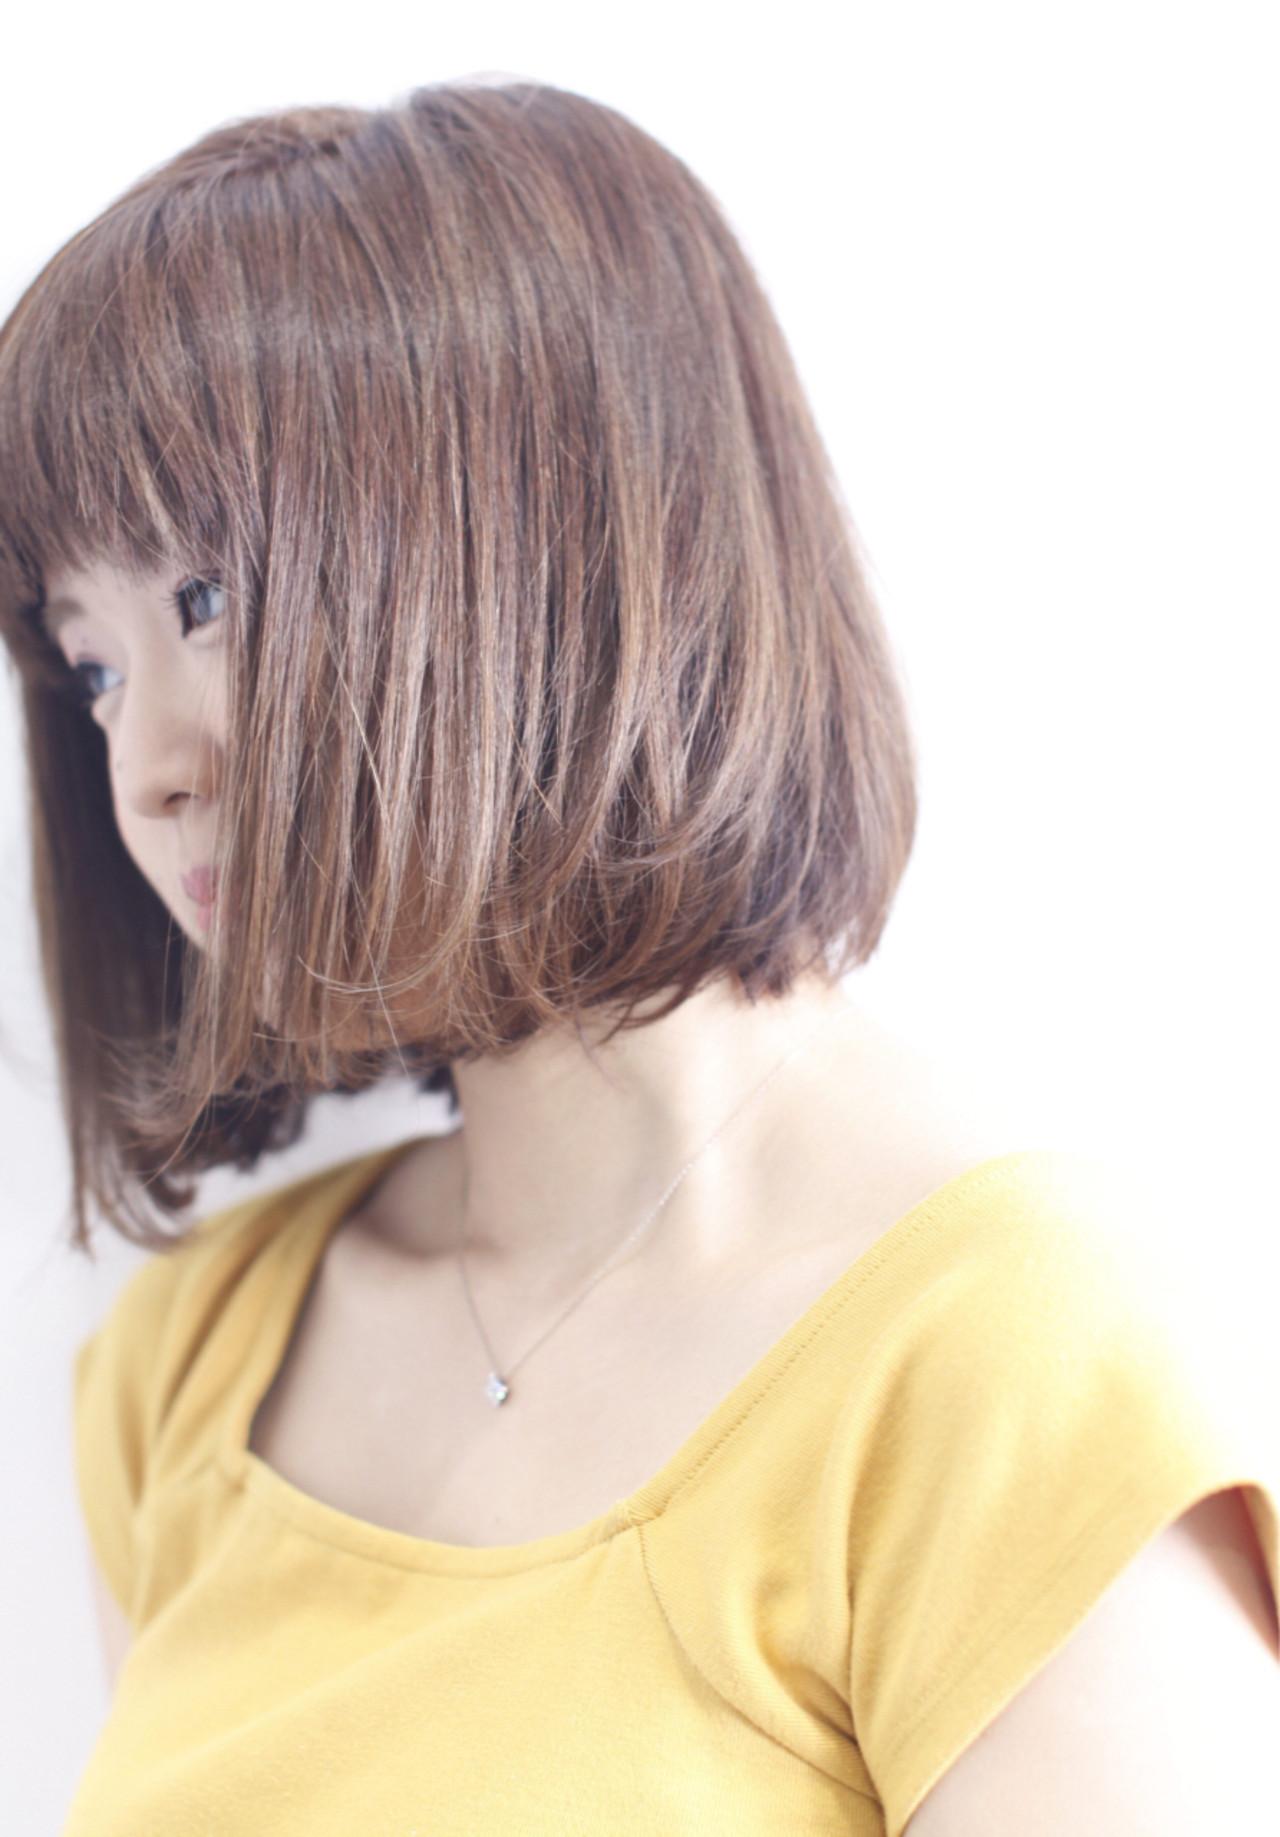 ナチュラル 外国人風カラー ダブルカラー ワンカール ヘアスタイルや髪型の写真・画像